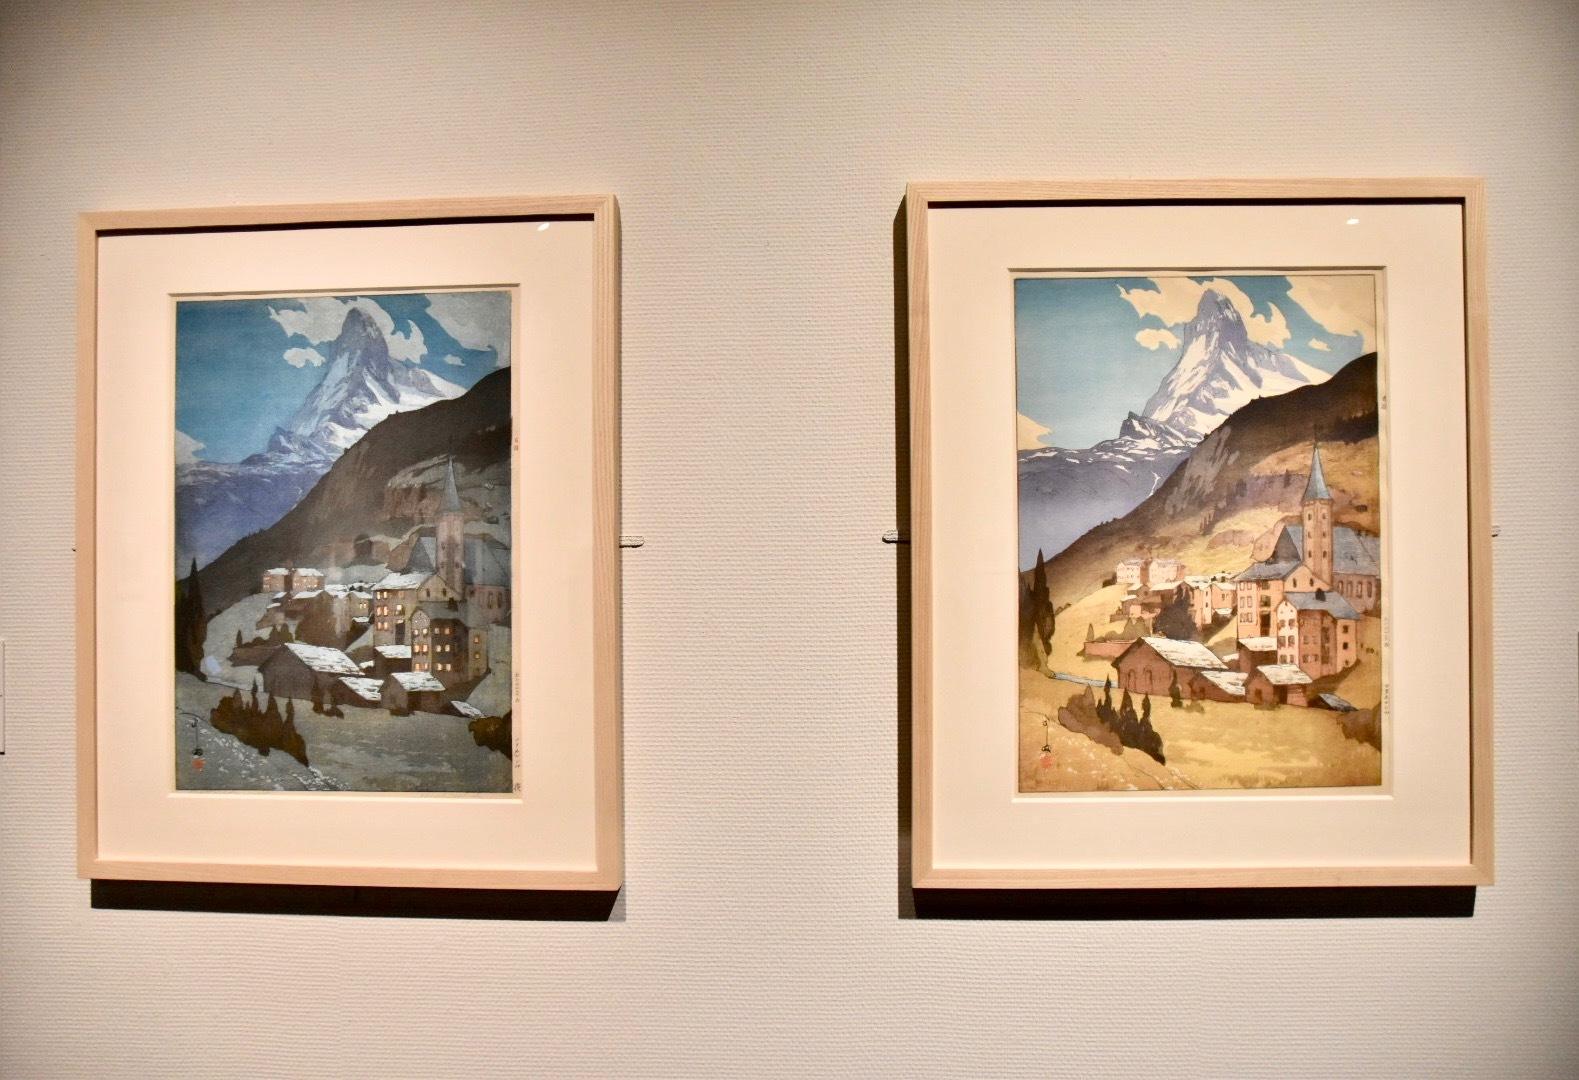 『欧州シリーズ』より 左:《マタホルン山 夜》1925年、右:《マタホルン山》1925年